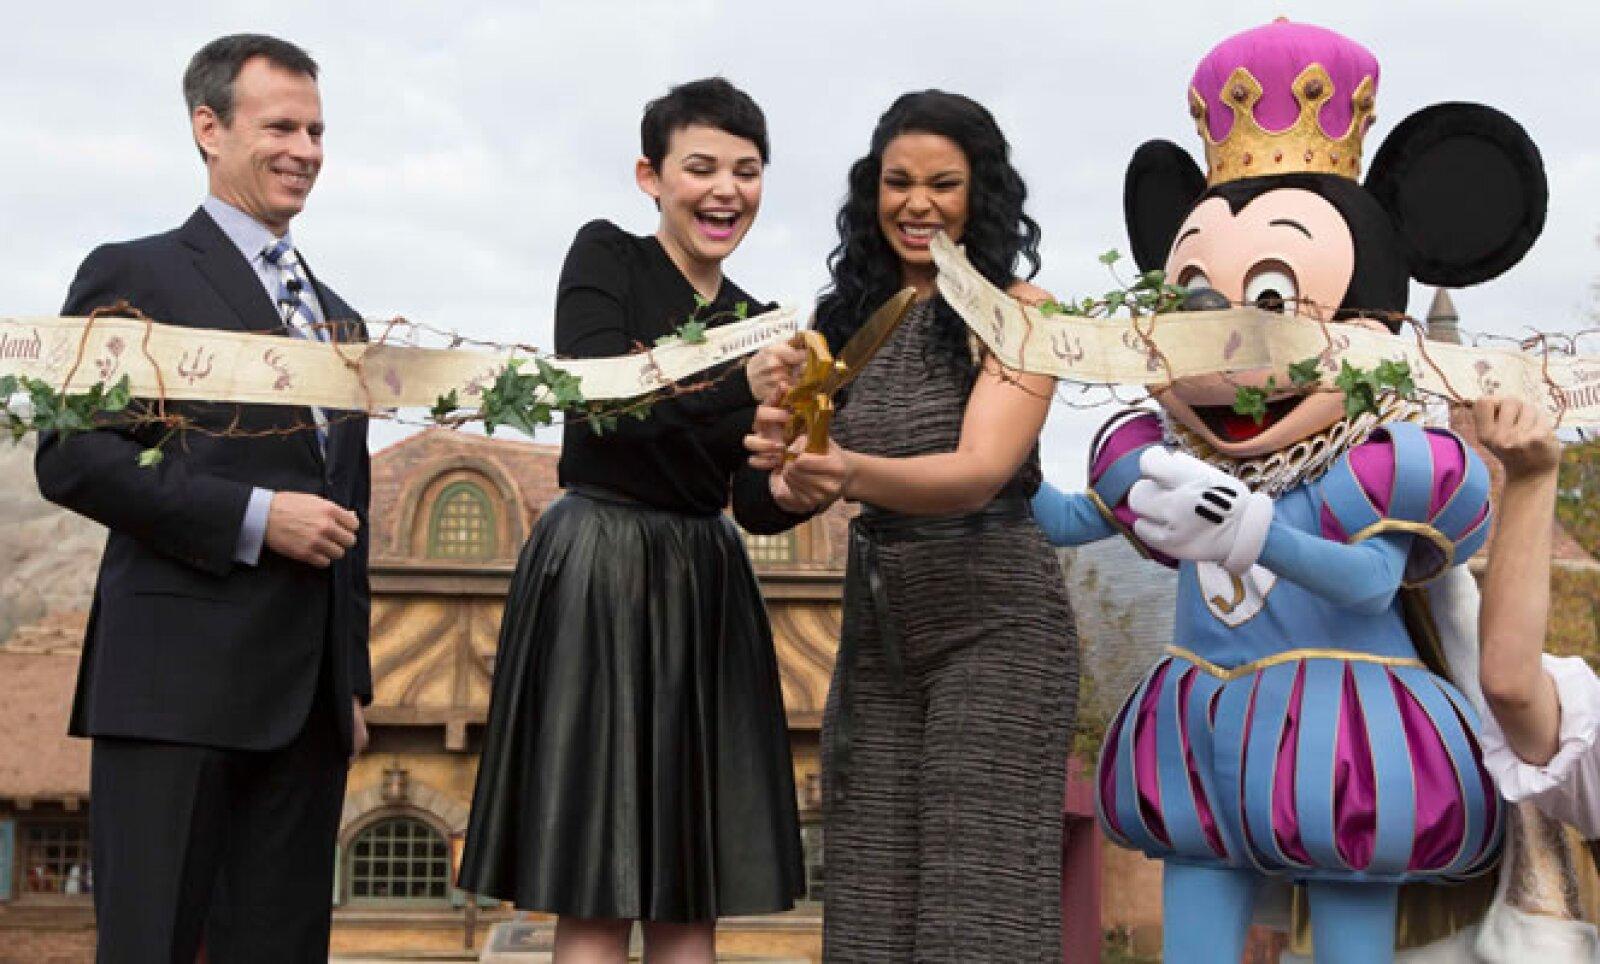 Disney inauguró este jueves una nueva área del parque de diversiones Fantasyland, a la apertura asistieron la actriz Ginnifer Goodwin y la cantante Jordin Sparks.